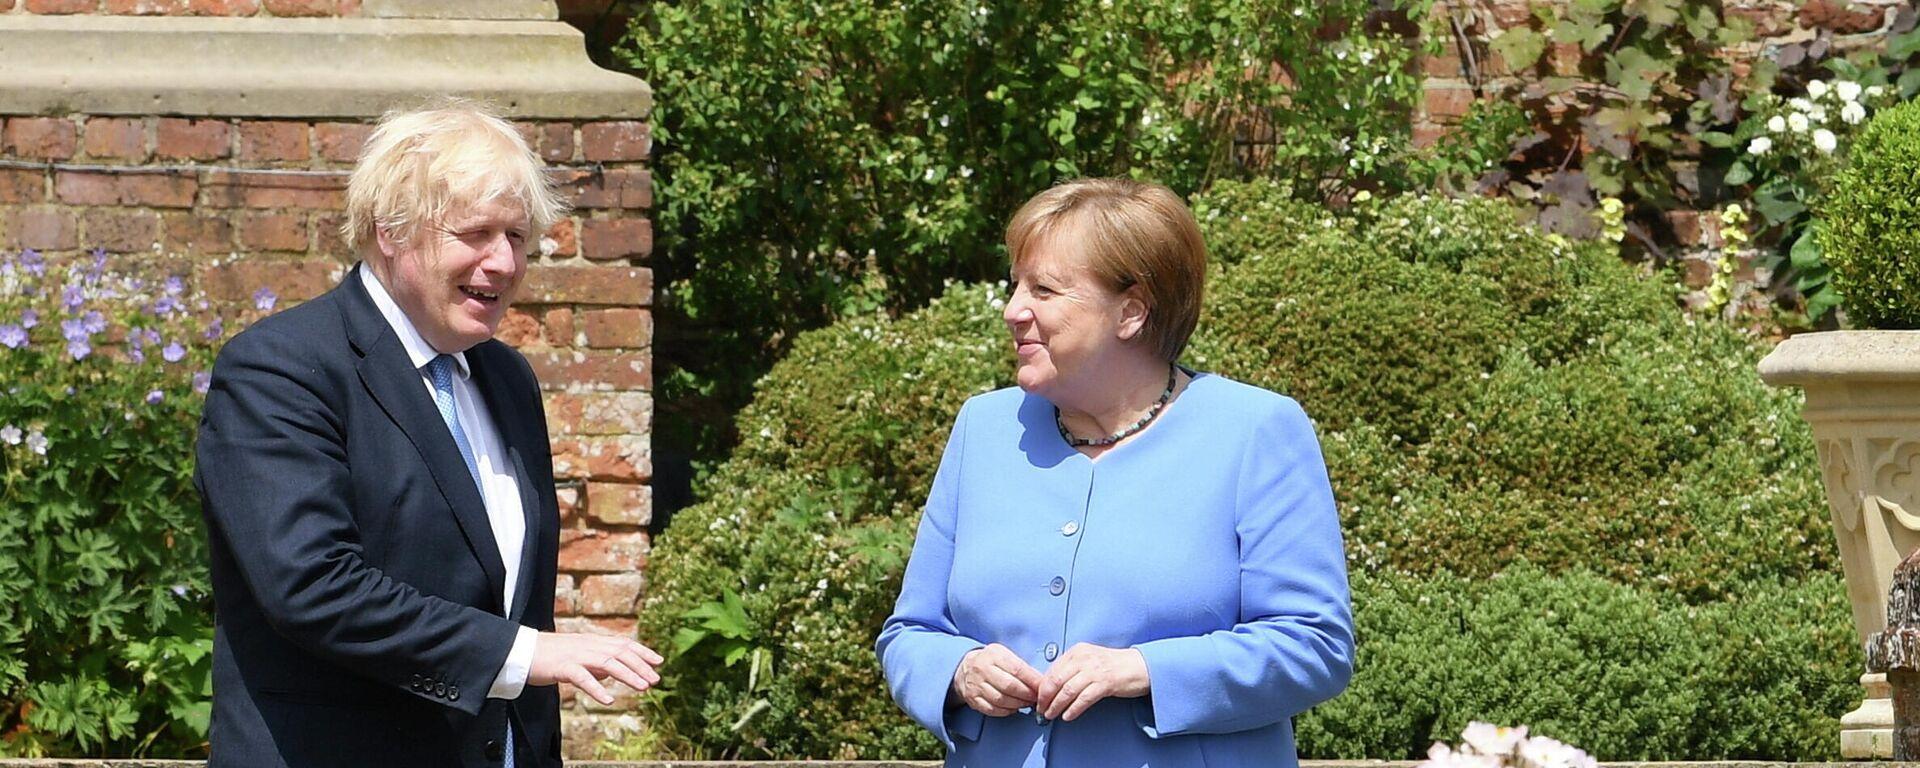 Treffen von Johnson und Merkel - SNA, 1920, 02.07.2021